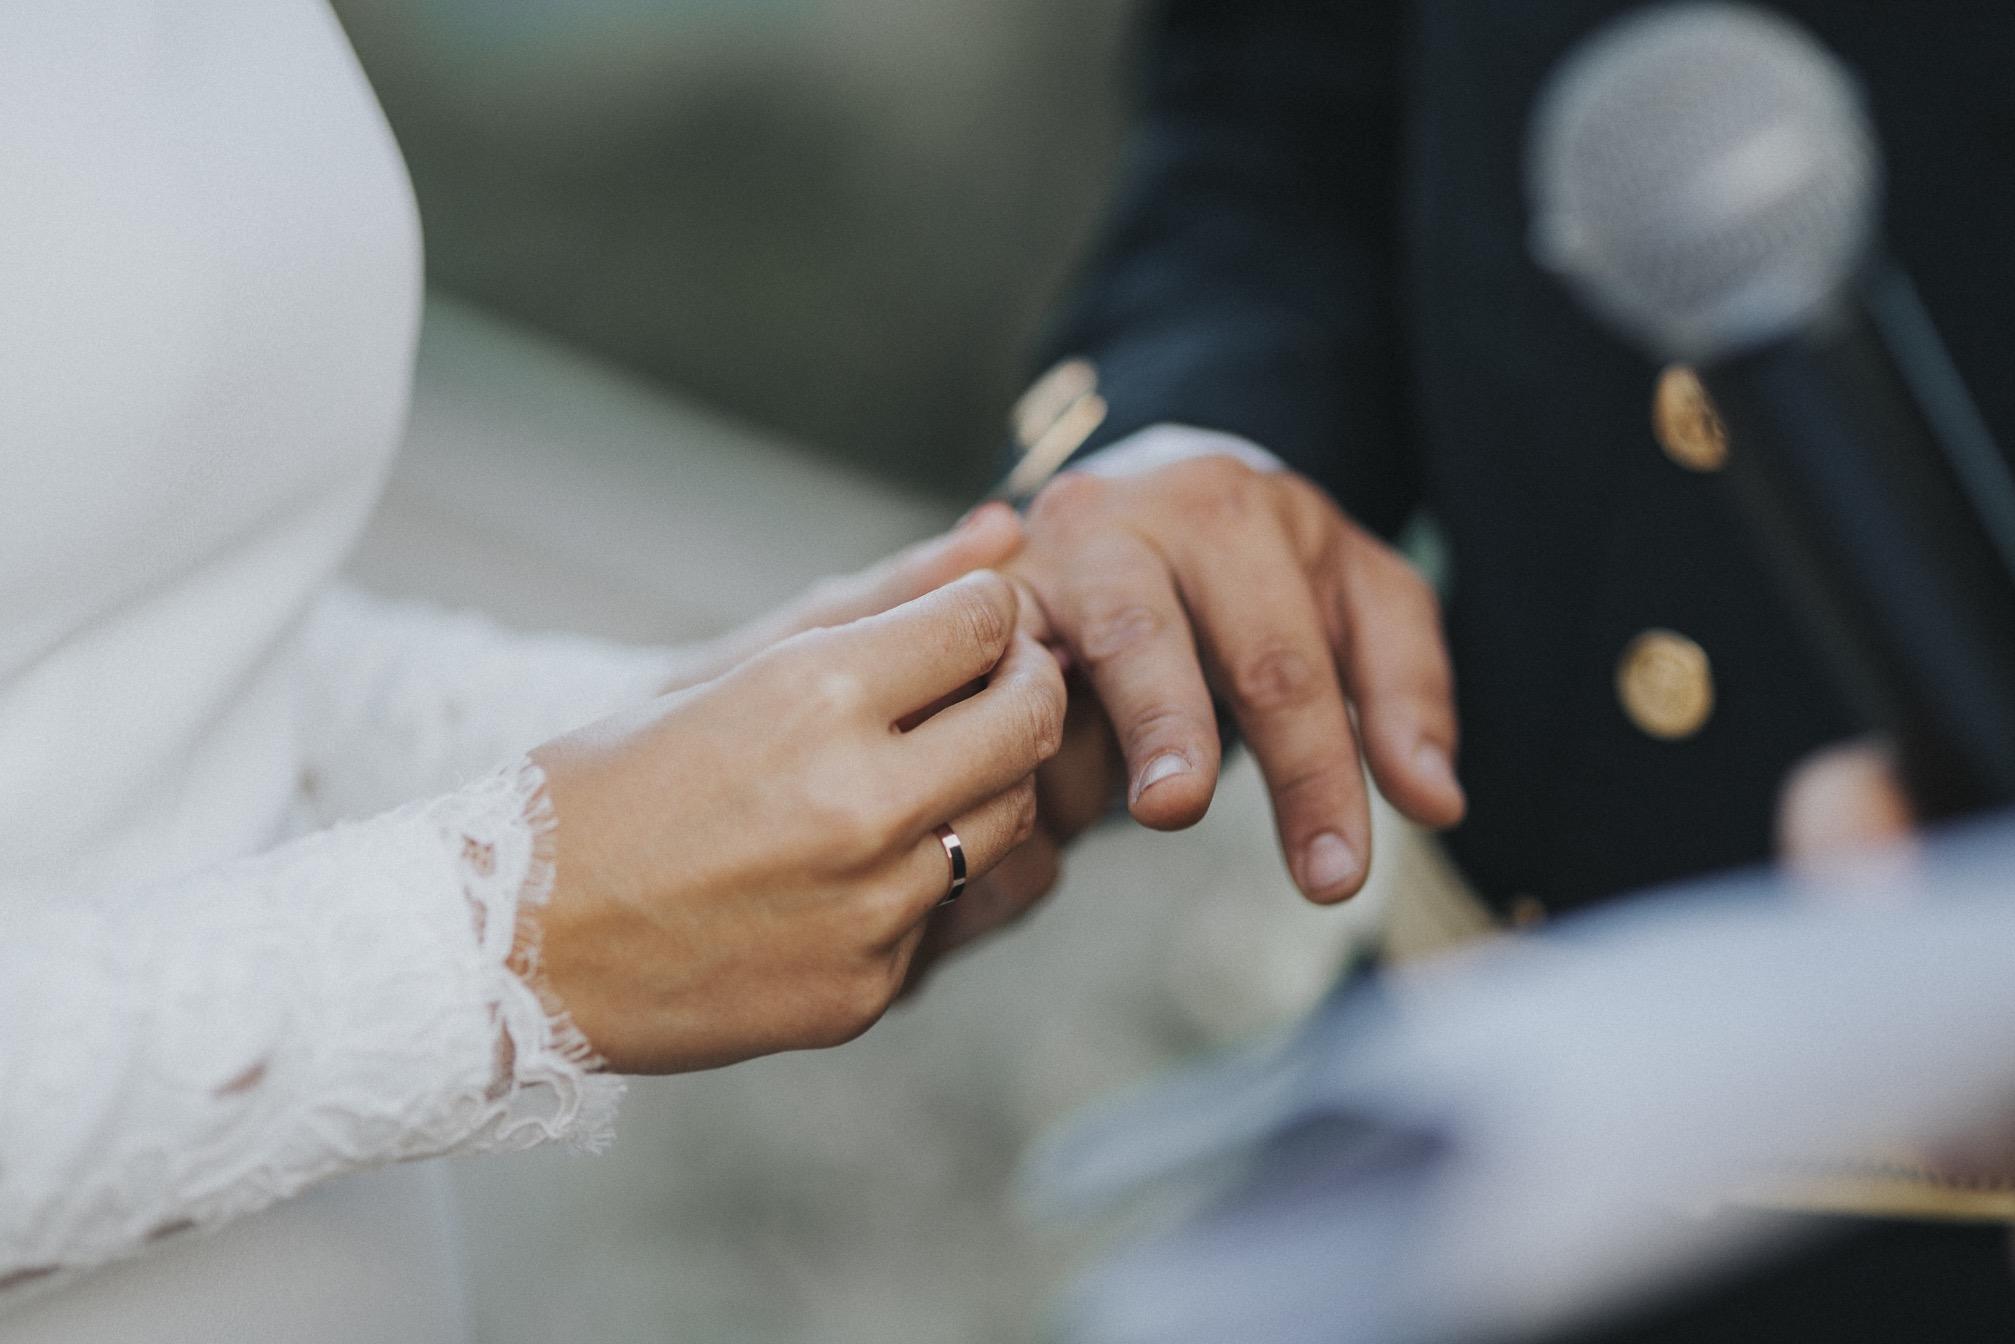 Si-Quiero-Wedding-Planner-By-Sira-Antequera-Bodas-Málaga-Marbella-Miami-Toñi-Jarillo-2